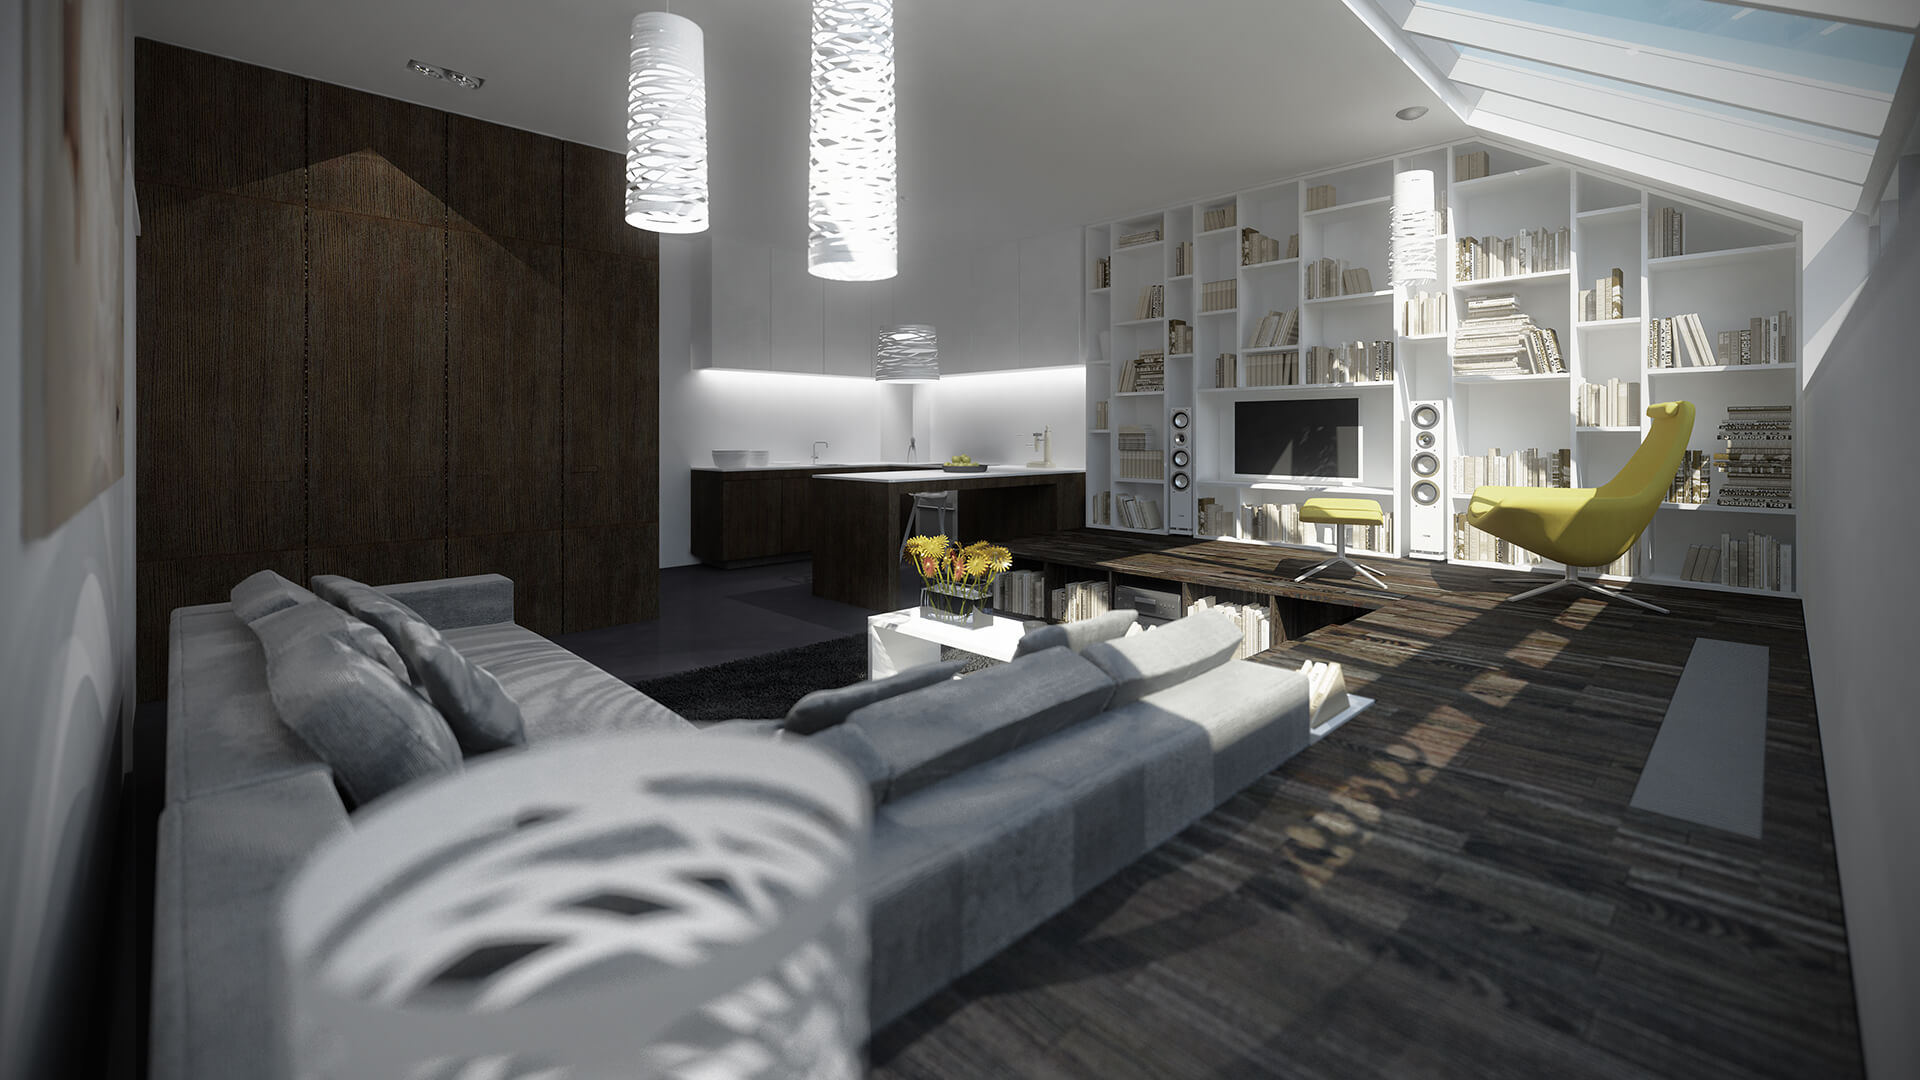 Projekty wnętrz Neostudio Architekci - Apartament Poznań Ułańska